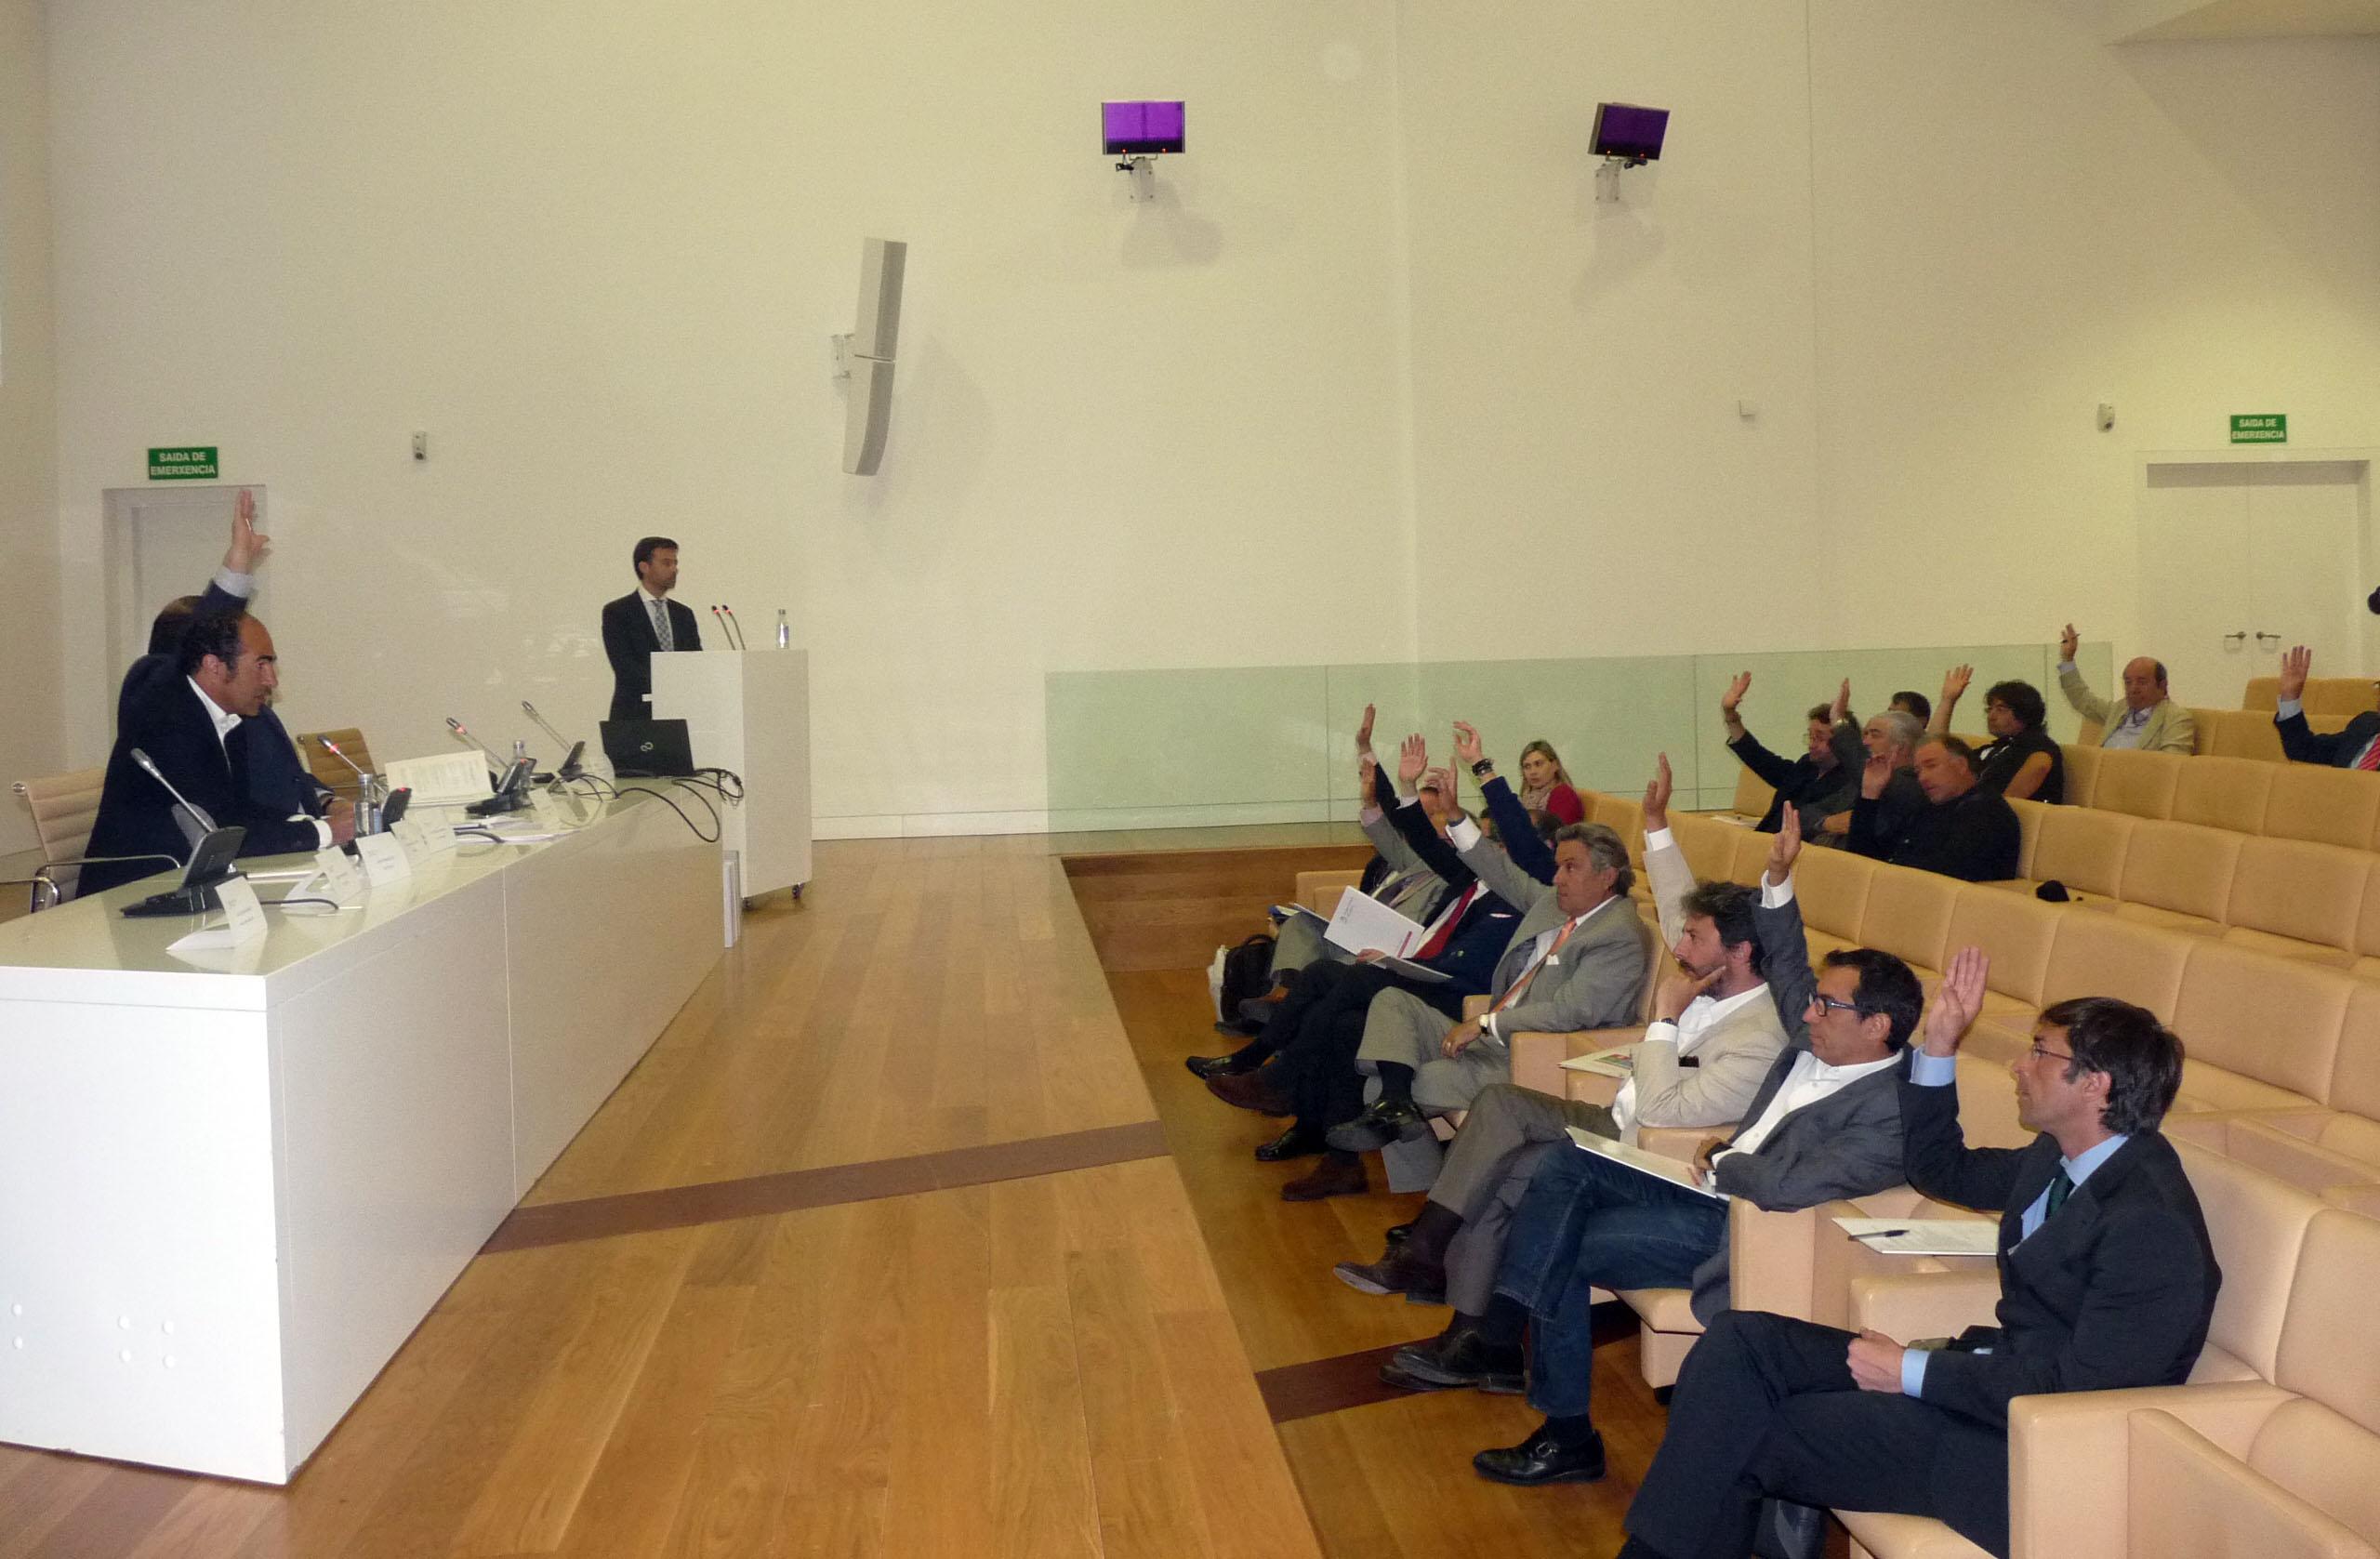 Hostelería Compostela, Balnearios de Galicia, Caldaria y OPC Galicia se incorporan al Clúster del Turismo